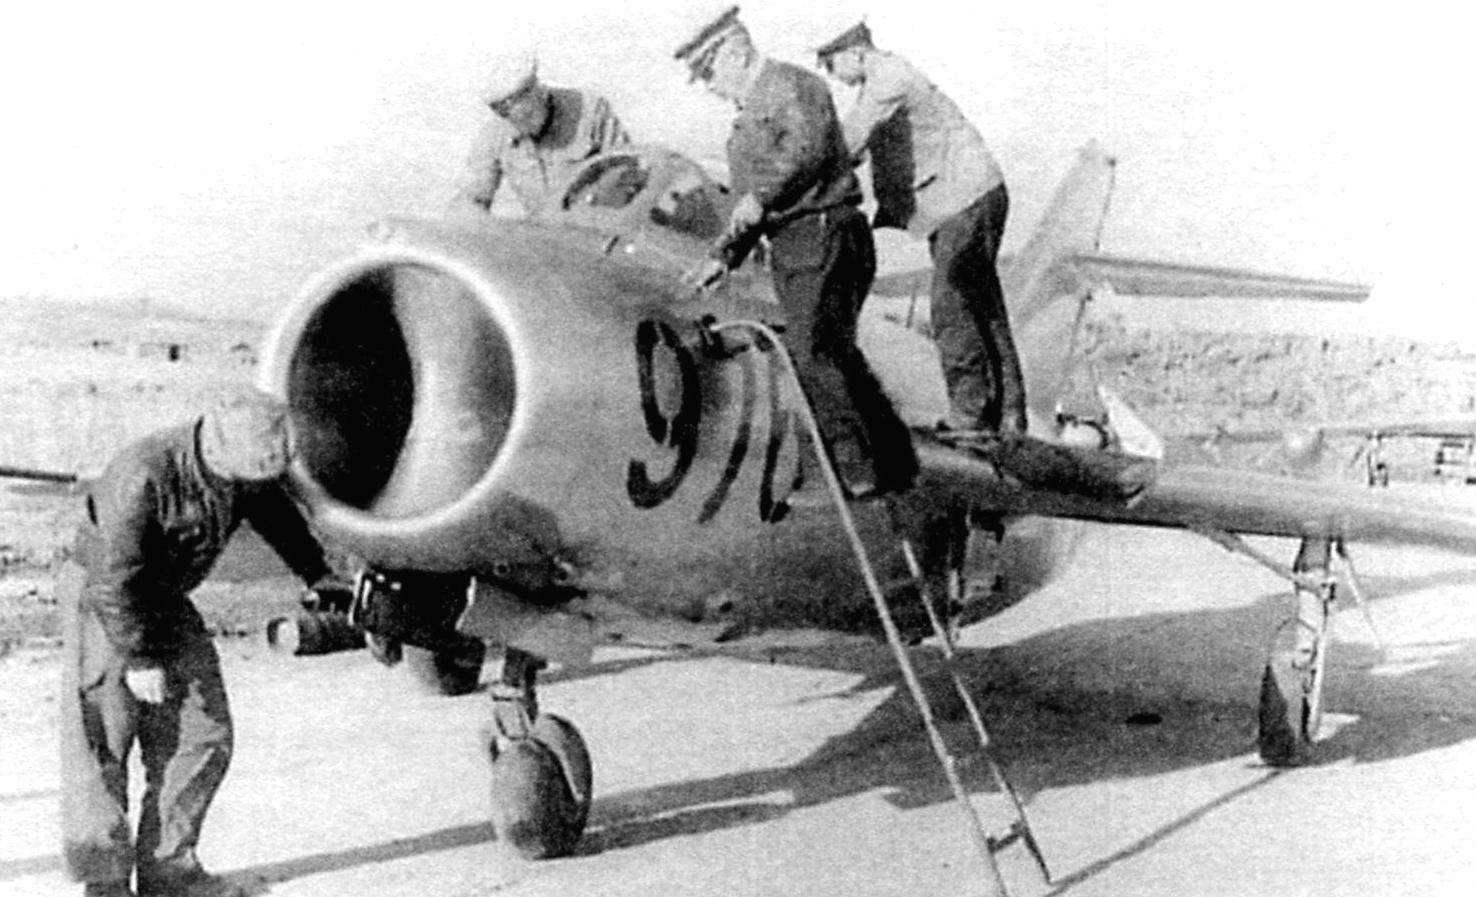 Подготовка к полёту МиГ-15бис из 351-го истребительного авиаполка. Корея, 1952 г.